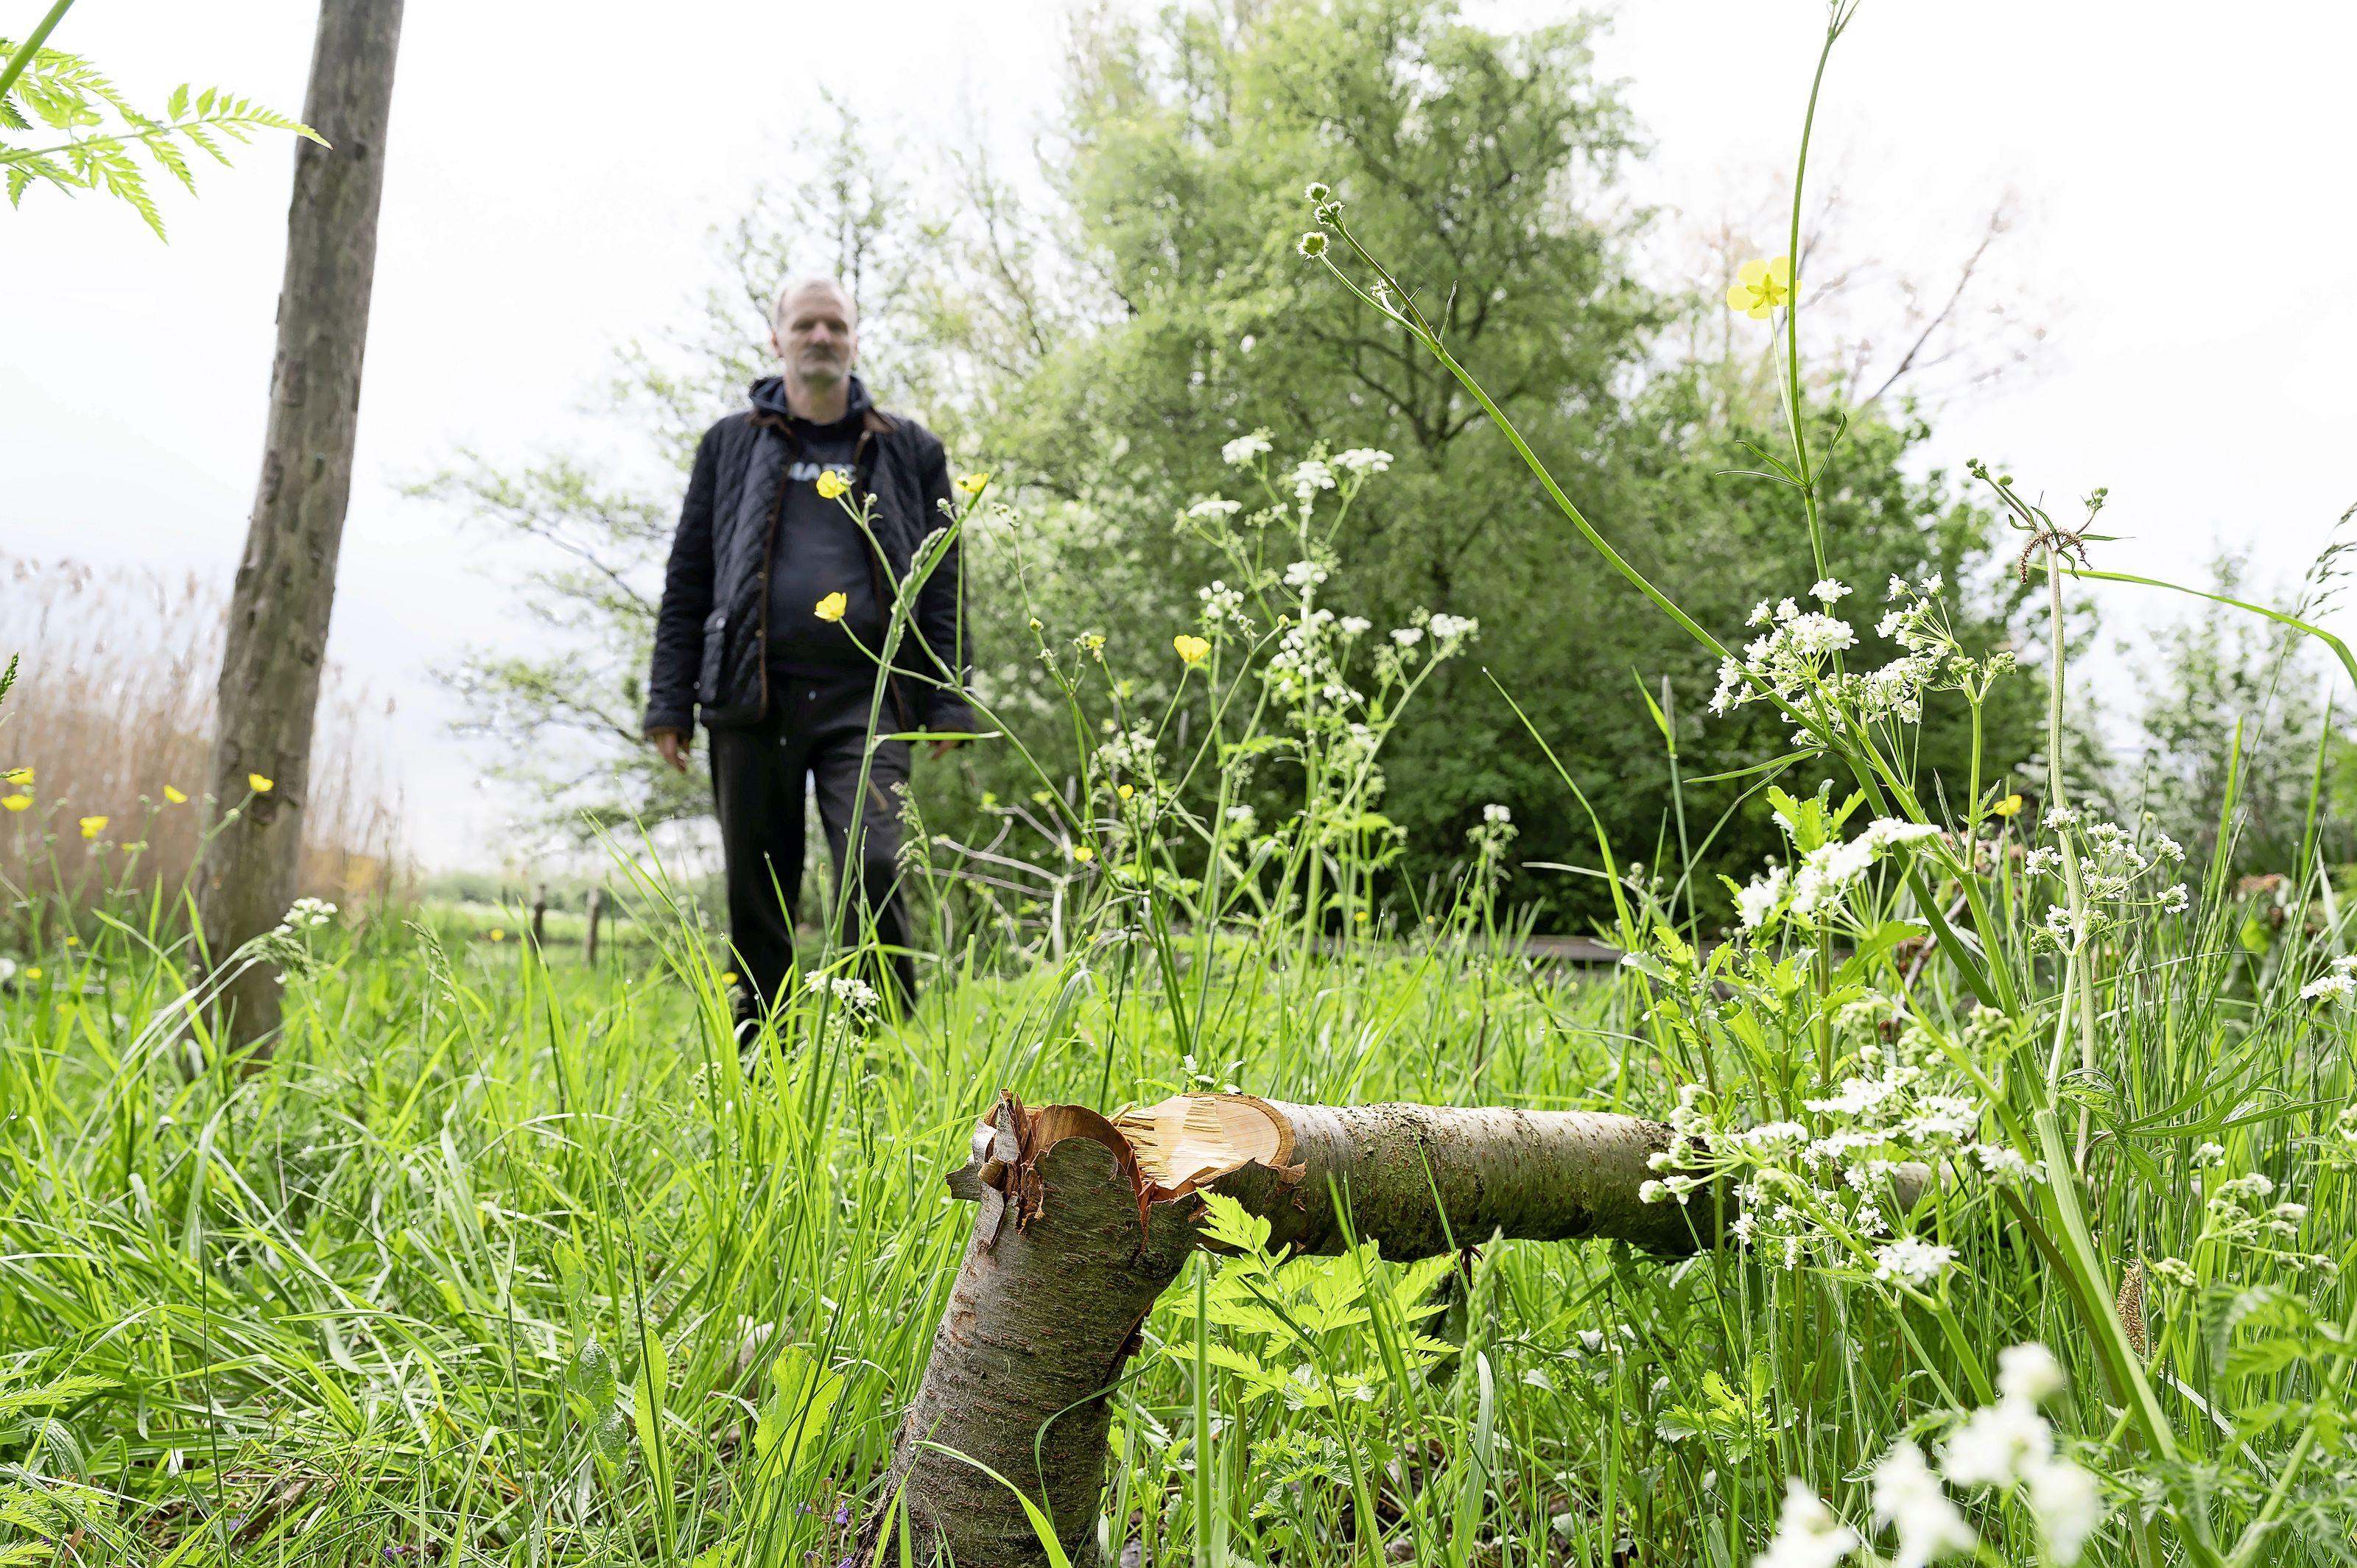 Hoe vrijwilligers van een buurttuin wanhopig worden door vernielingen. Vuistdikke fruitbomen zijn vlak boven de grond omgehakt